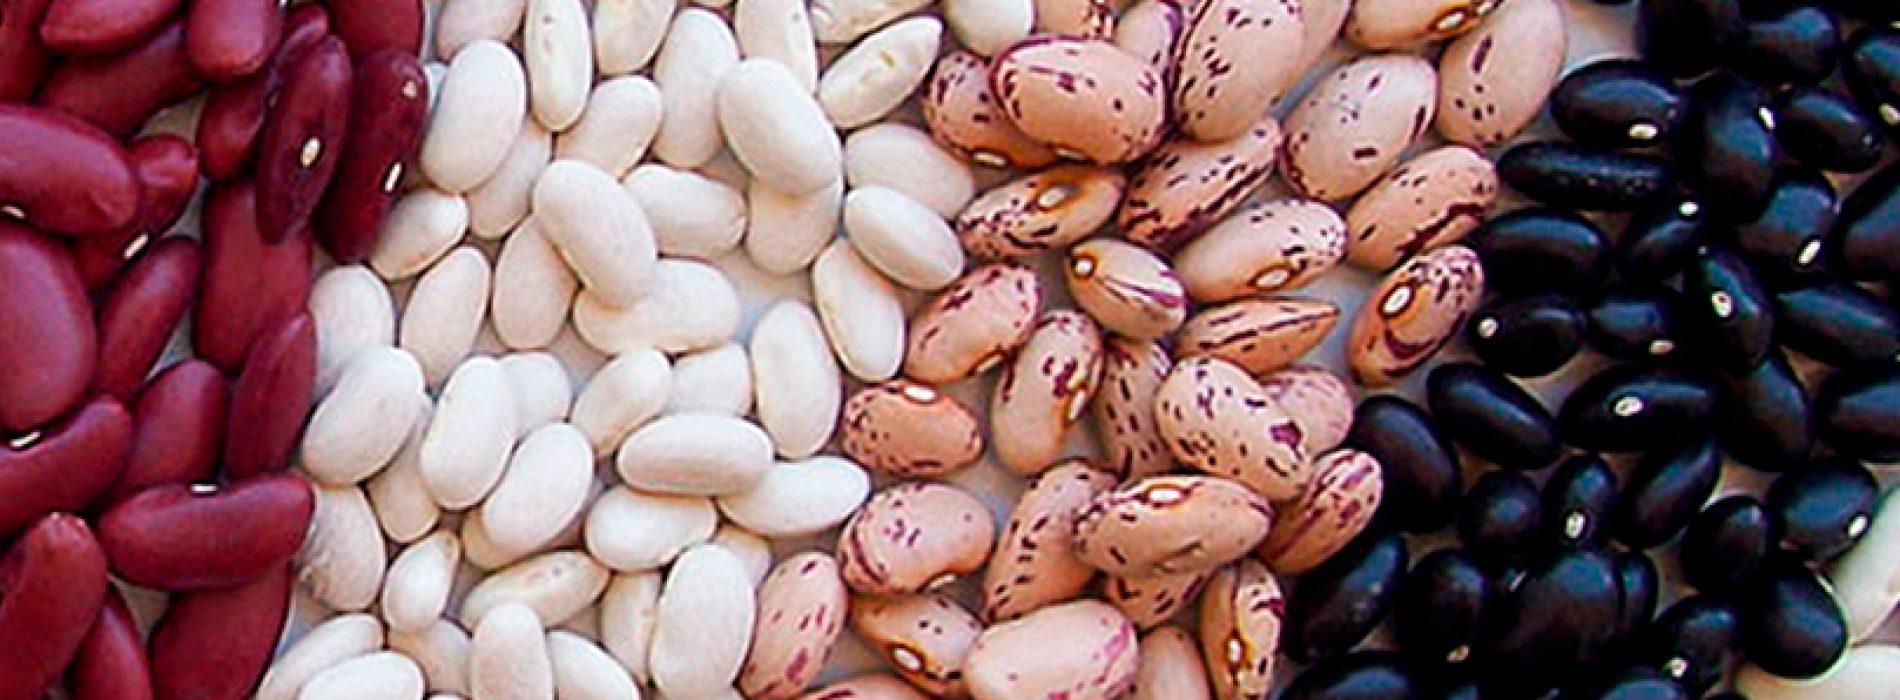 Porotos: revitalizando el consumo de un alimento ancestral y saludable